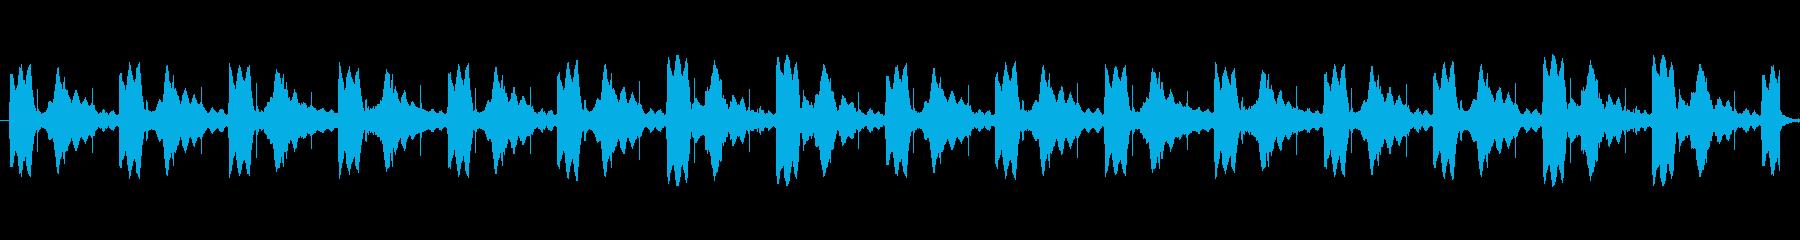 不気味なトイピアノによる怖いBGMの再生済みの波形